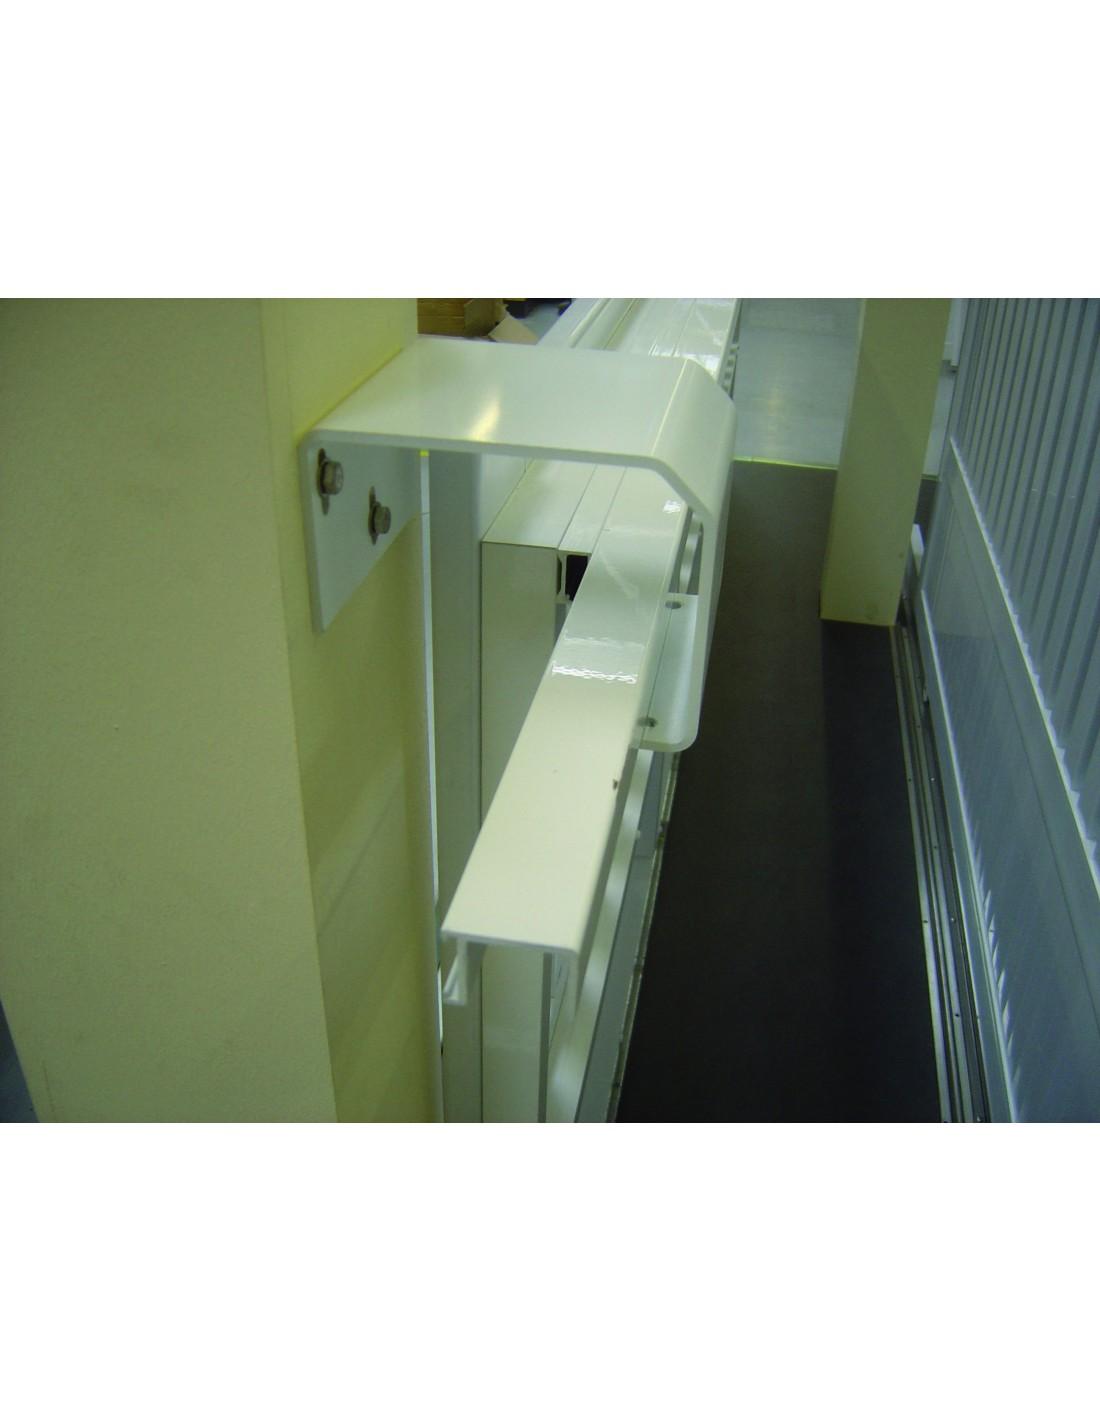 Portail pvc coulissant nancy 3m 5m sur mesure for Portail pvc sur mesure